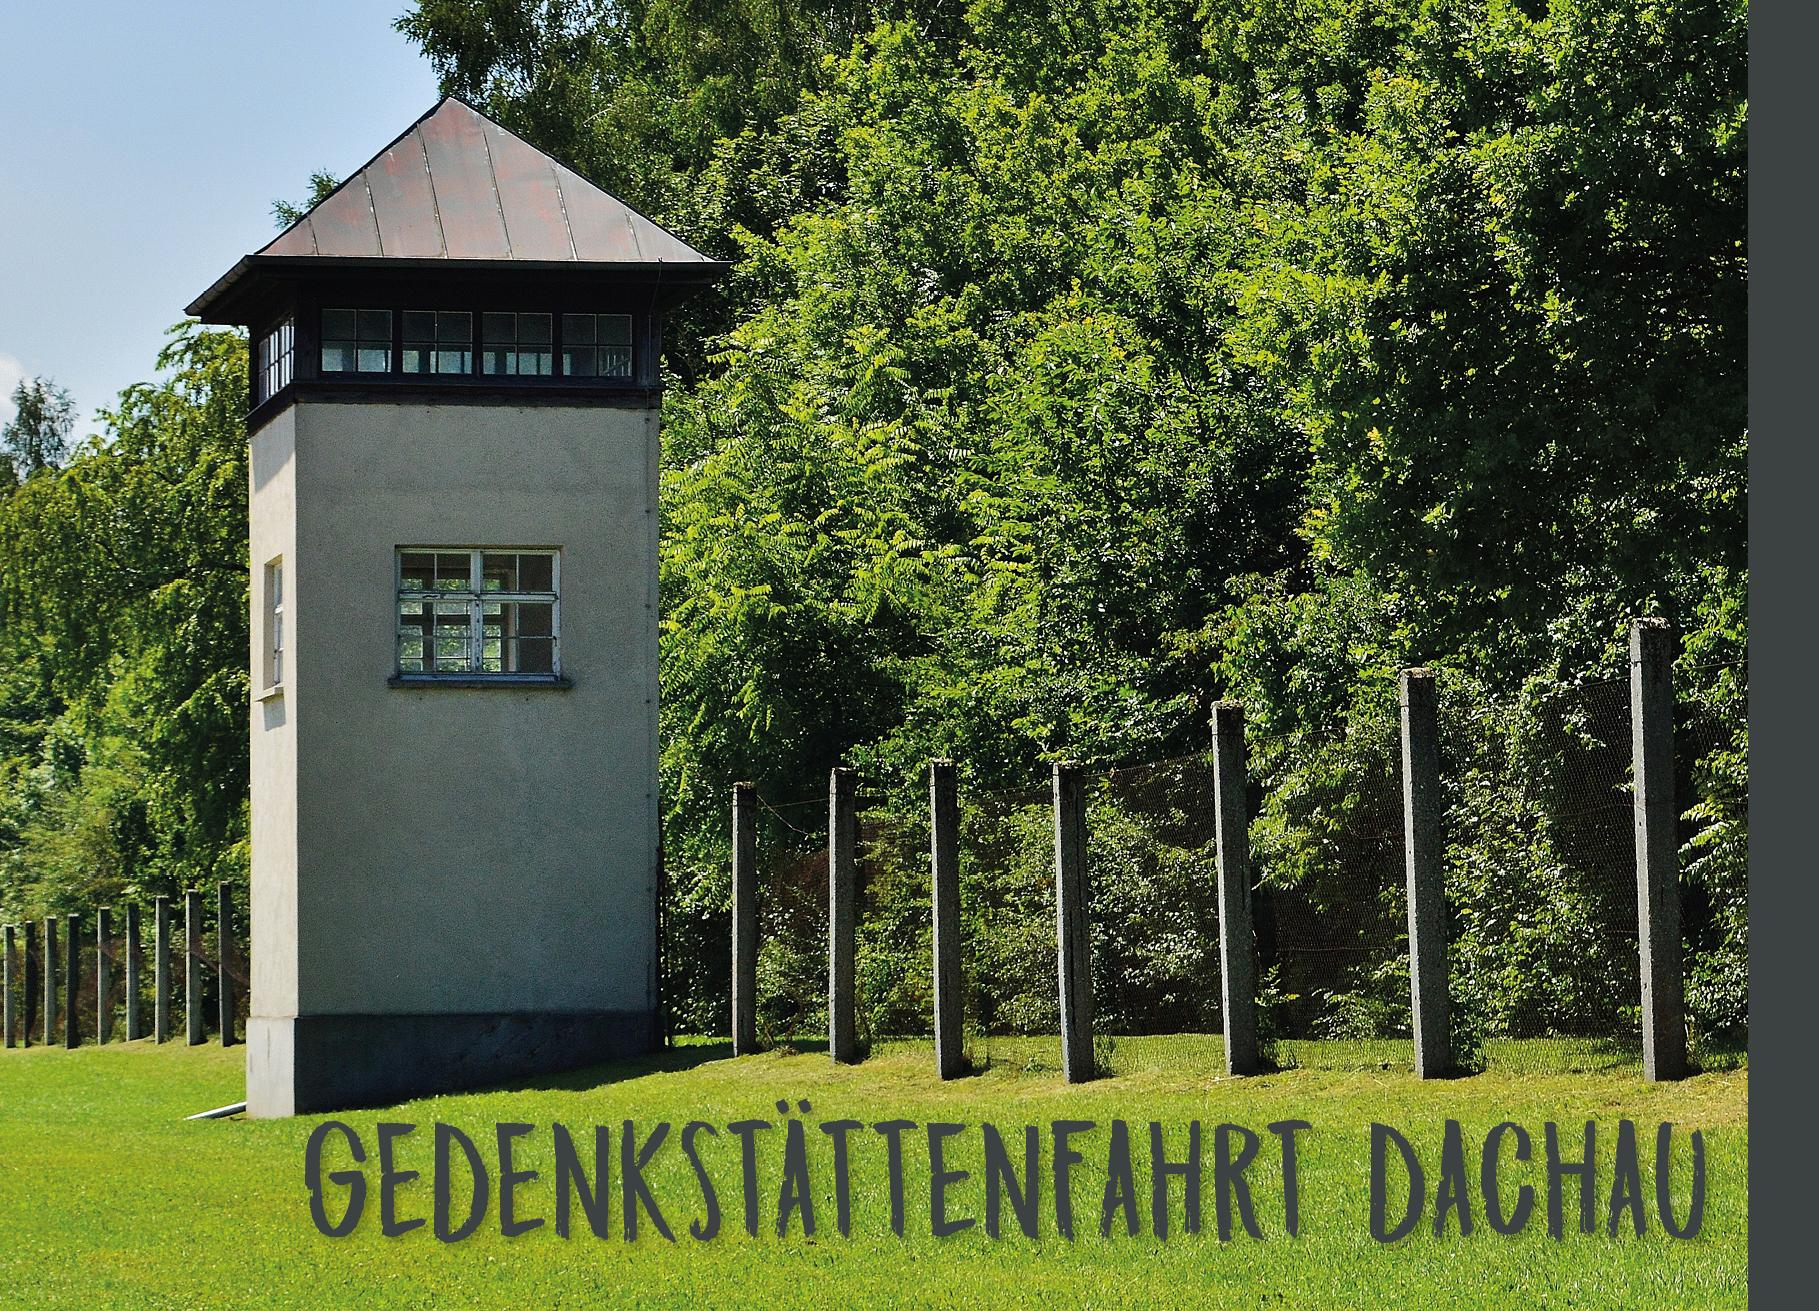 Gedenkstättenfahrt nach Dachau